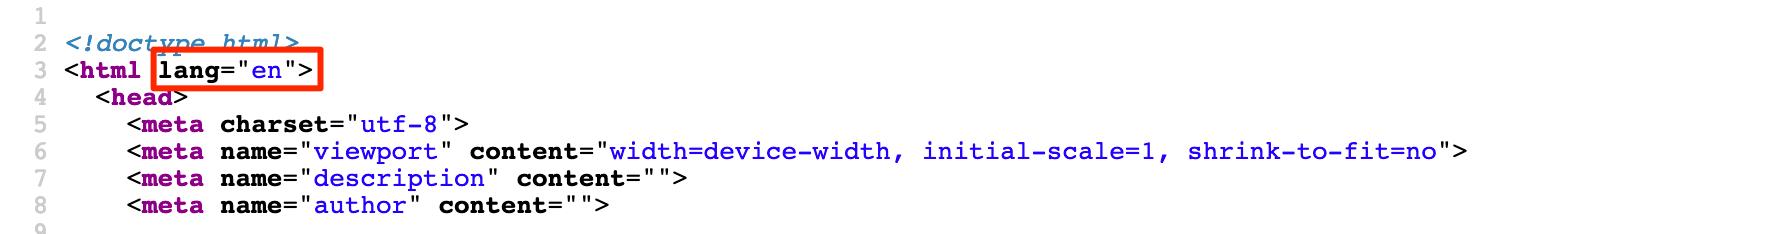 ablyft-environments-use-html-lang